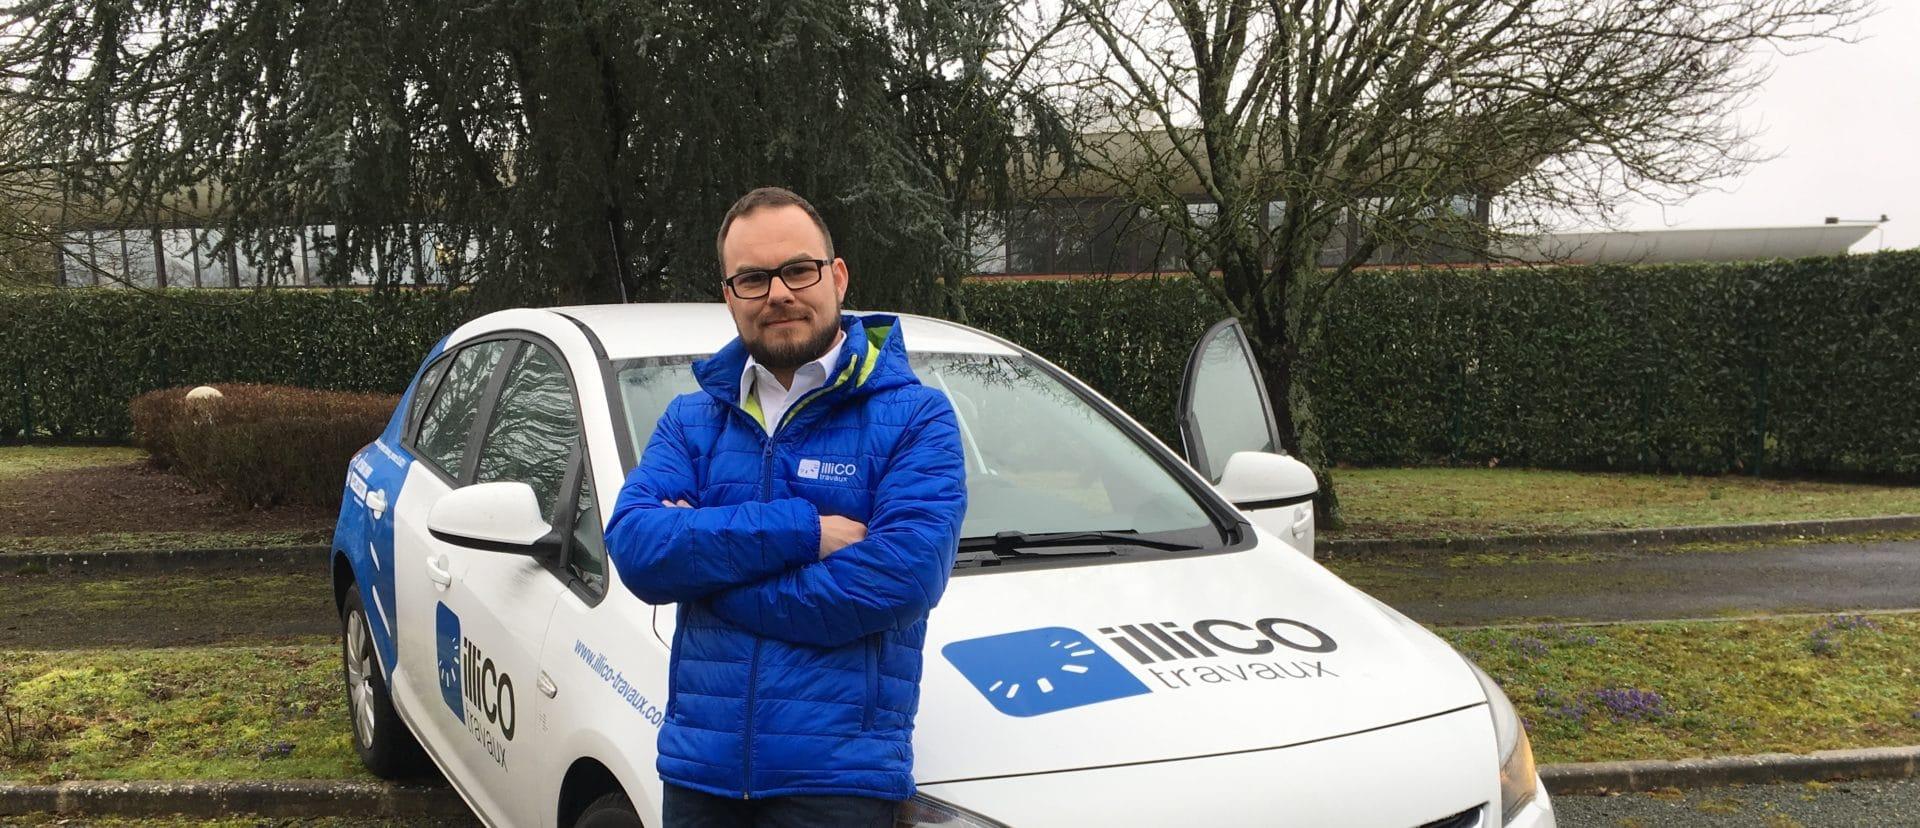 Témoignage vidéo de Nicola POMILIO, responsable de l'agence illiCO travaux Strasbourg